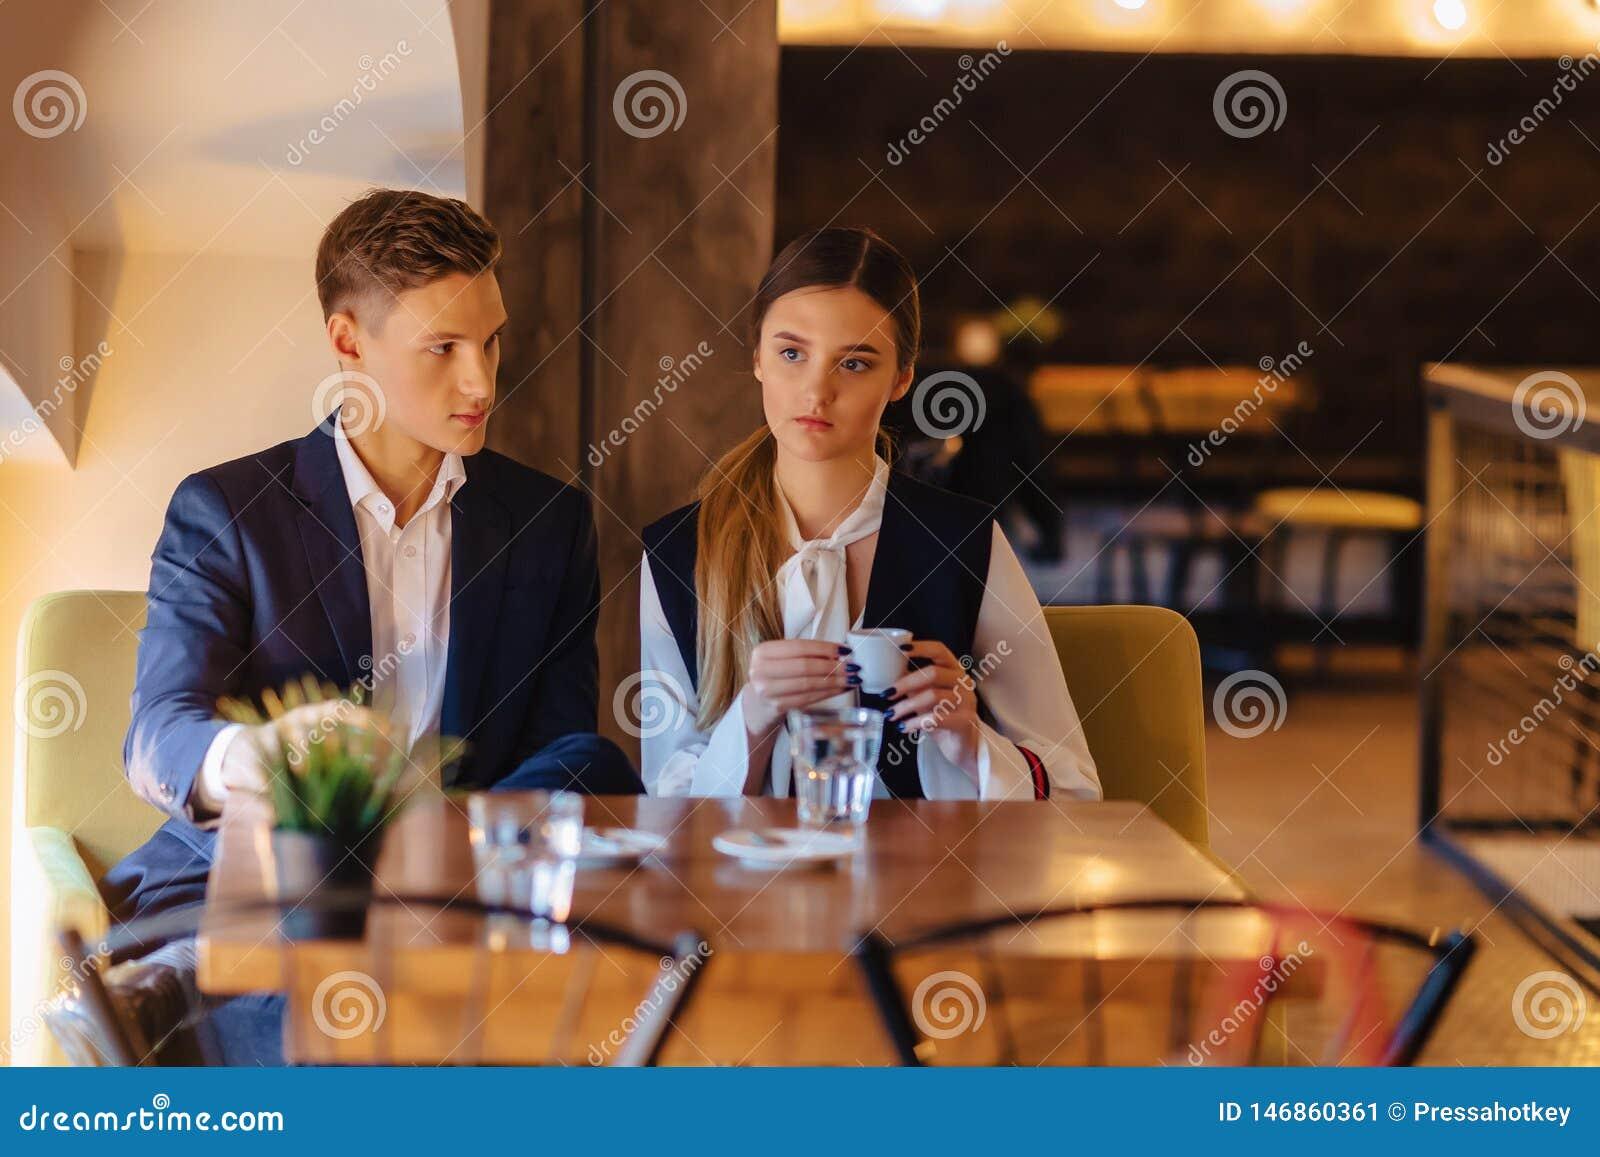 Een modieus paar drinkt ochtendkoffie bij de koffie, de jonge zakenlieden en freelancers